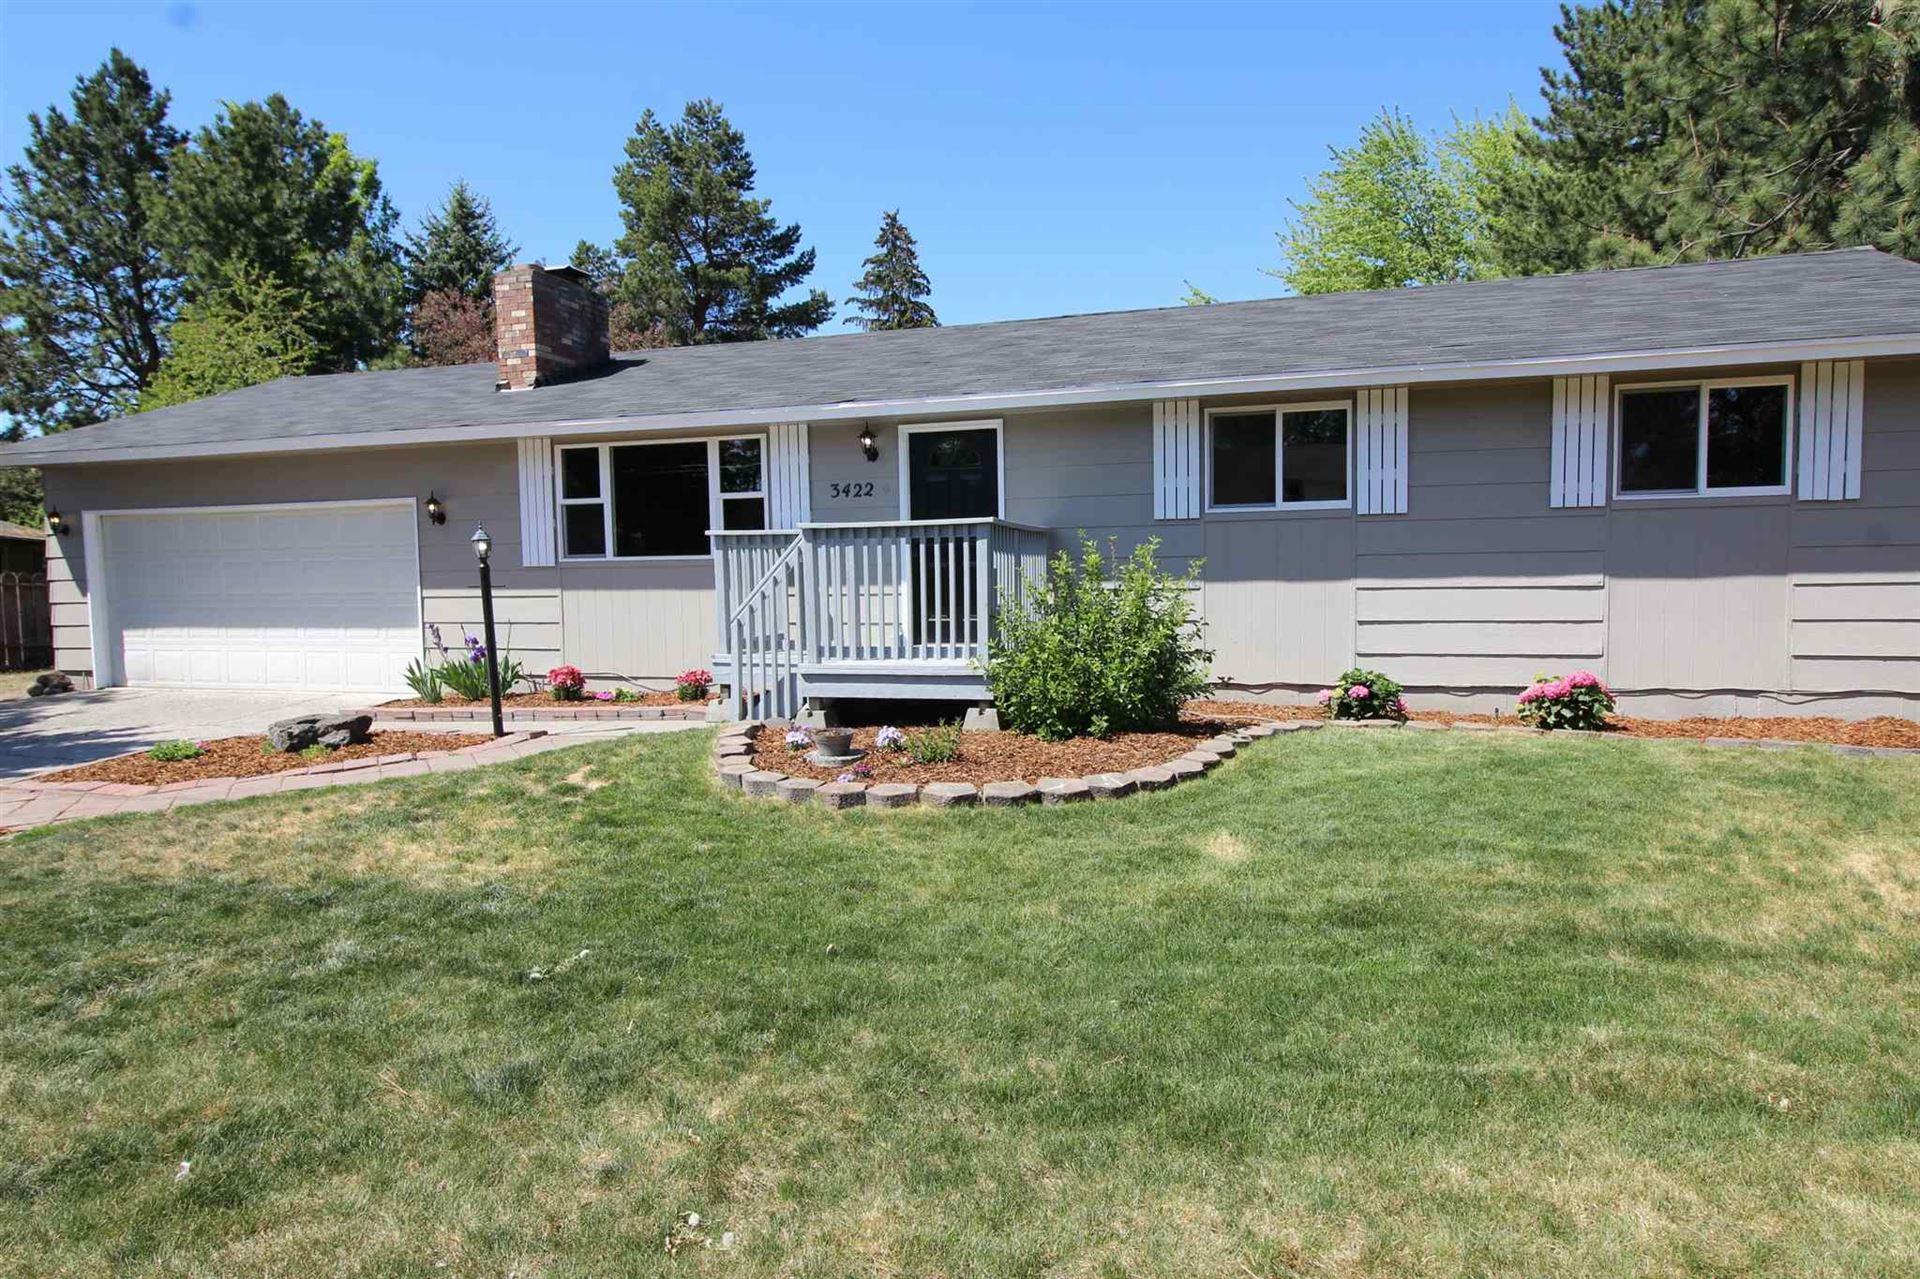 3422 S BOWDISH Rd, Spokane, WA 99206 - #: 202115569